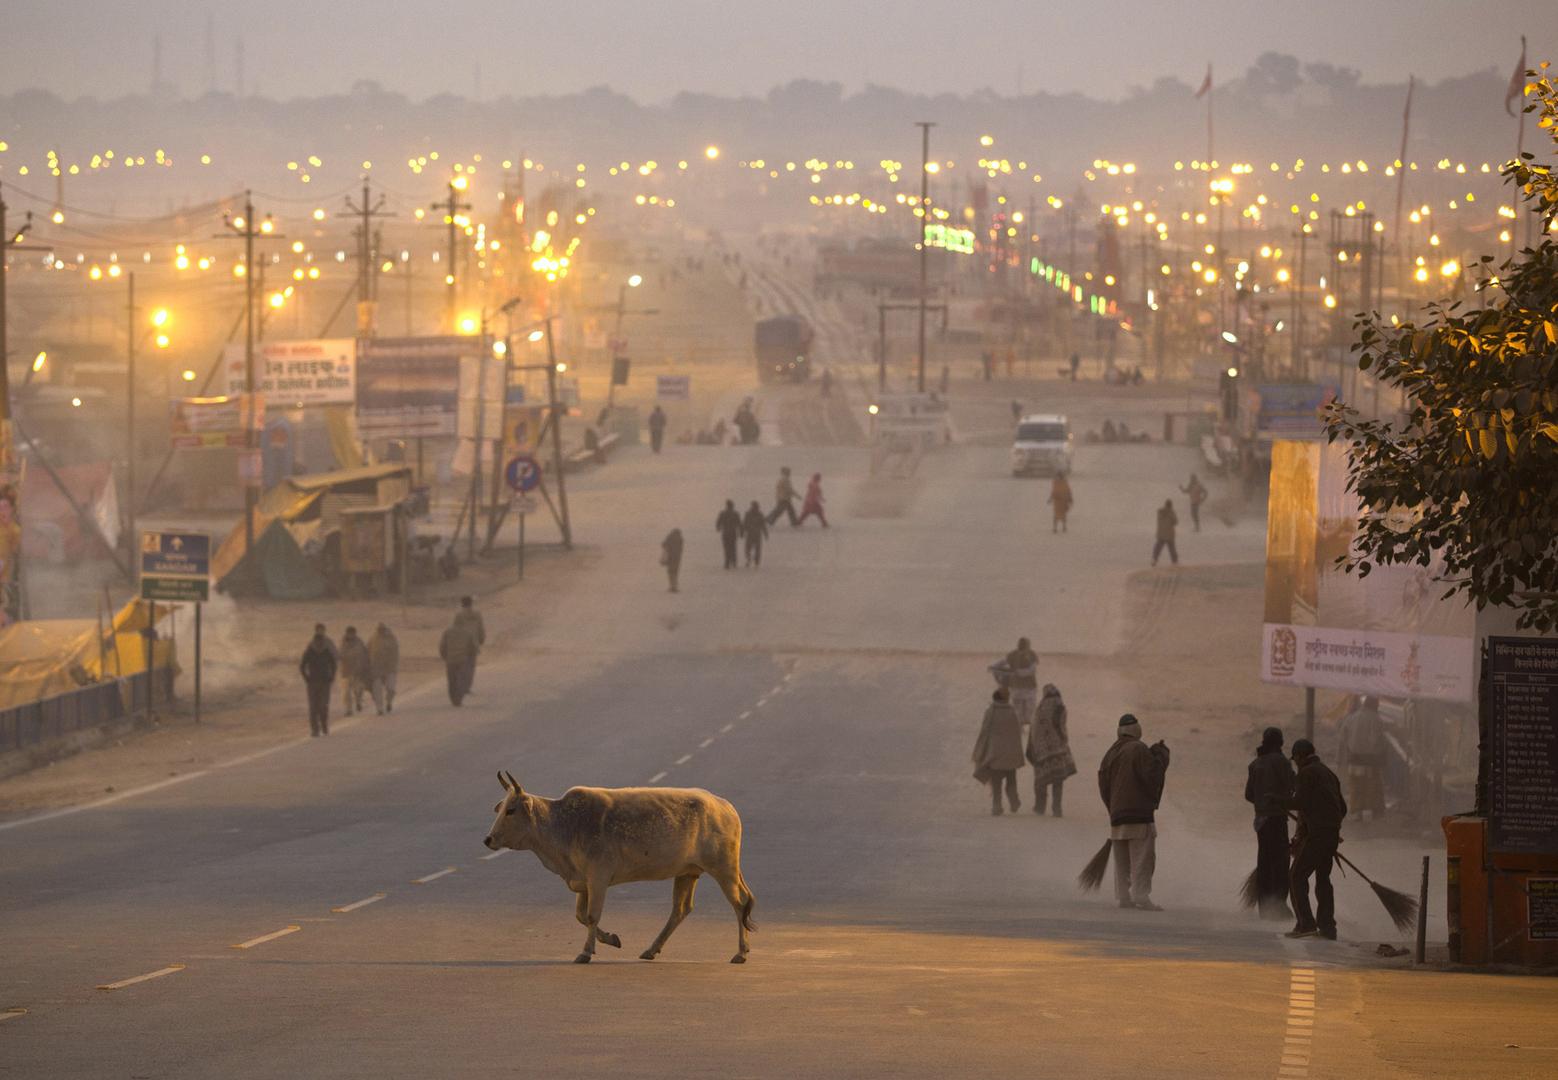 في مدينة الله آباد بالهند.